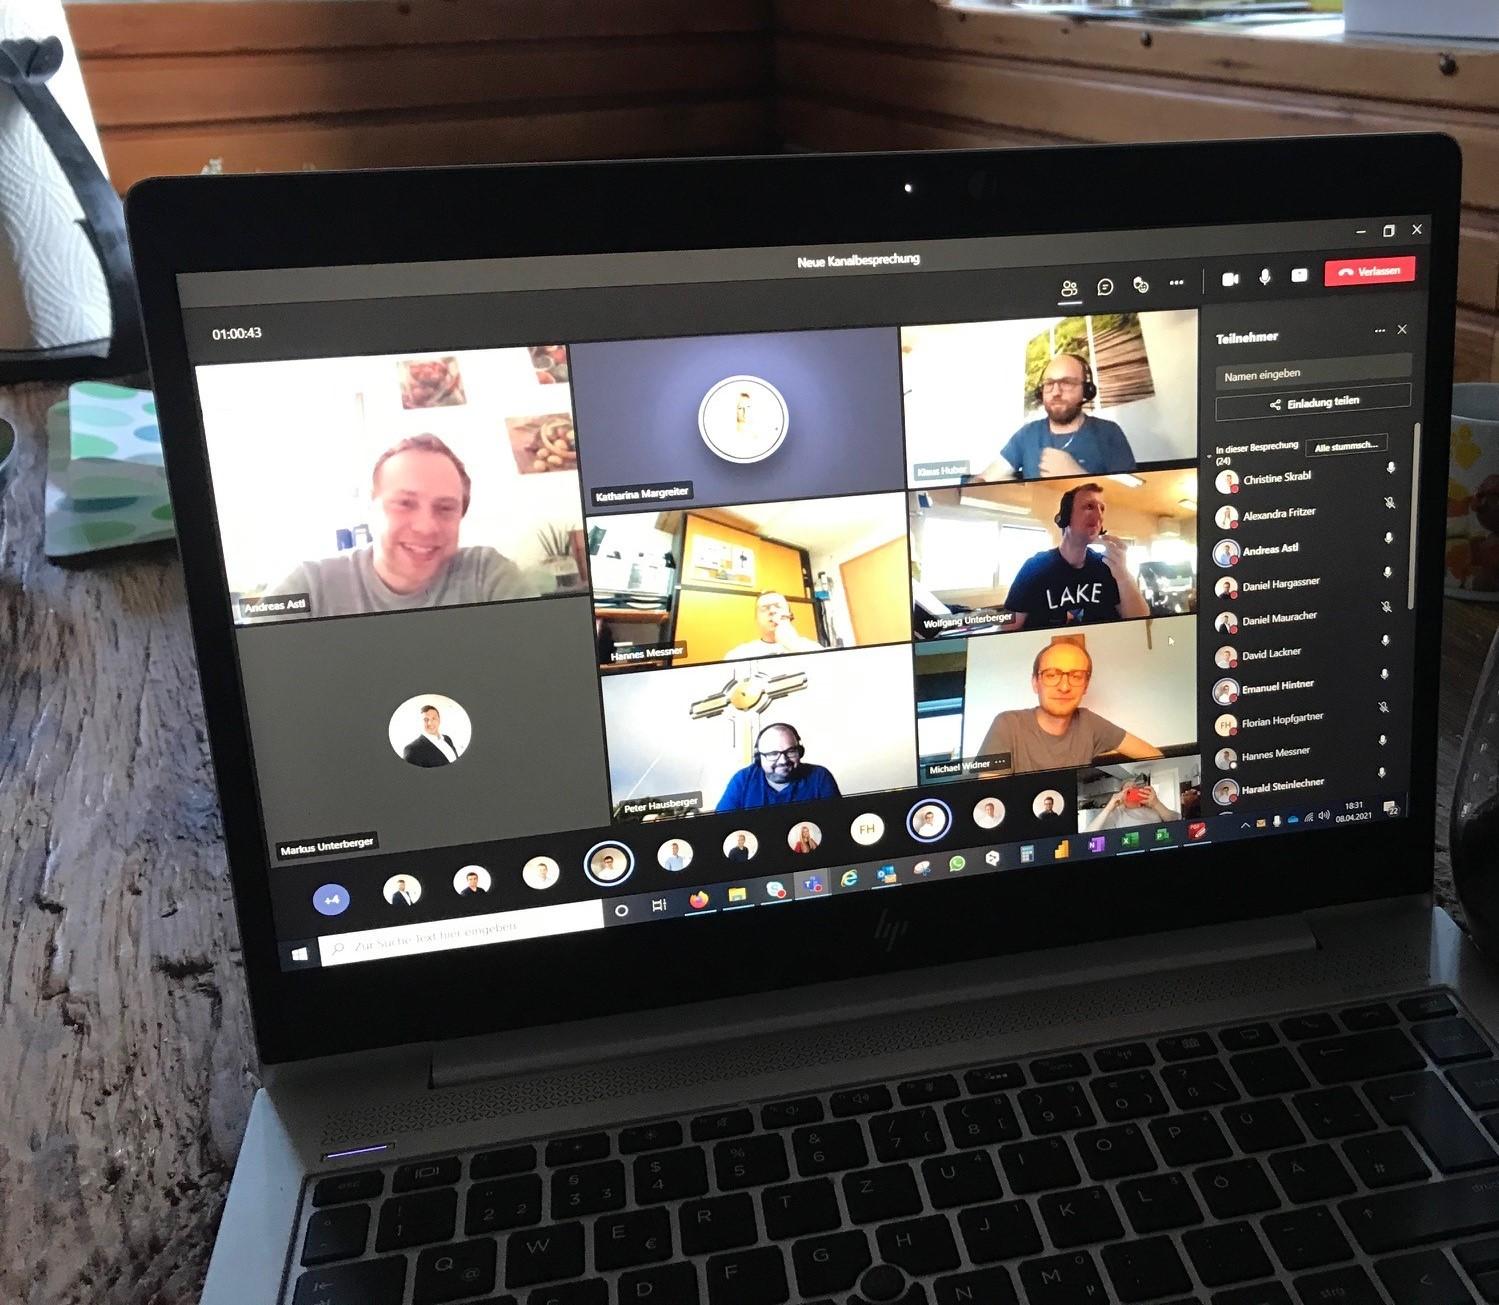 Virtueller Kennenlern- und Austauschabend